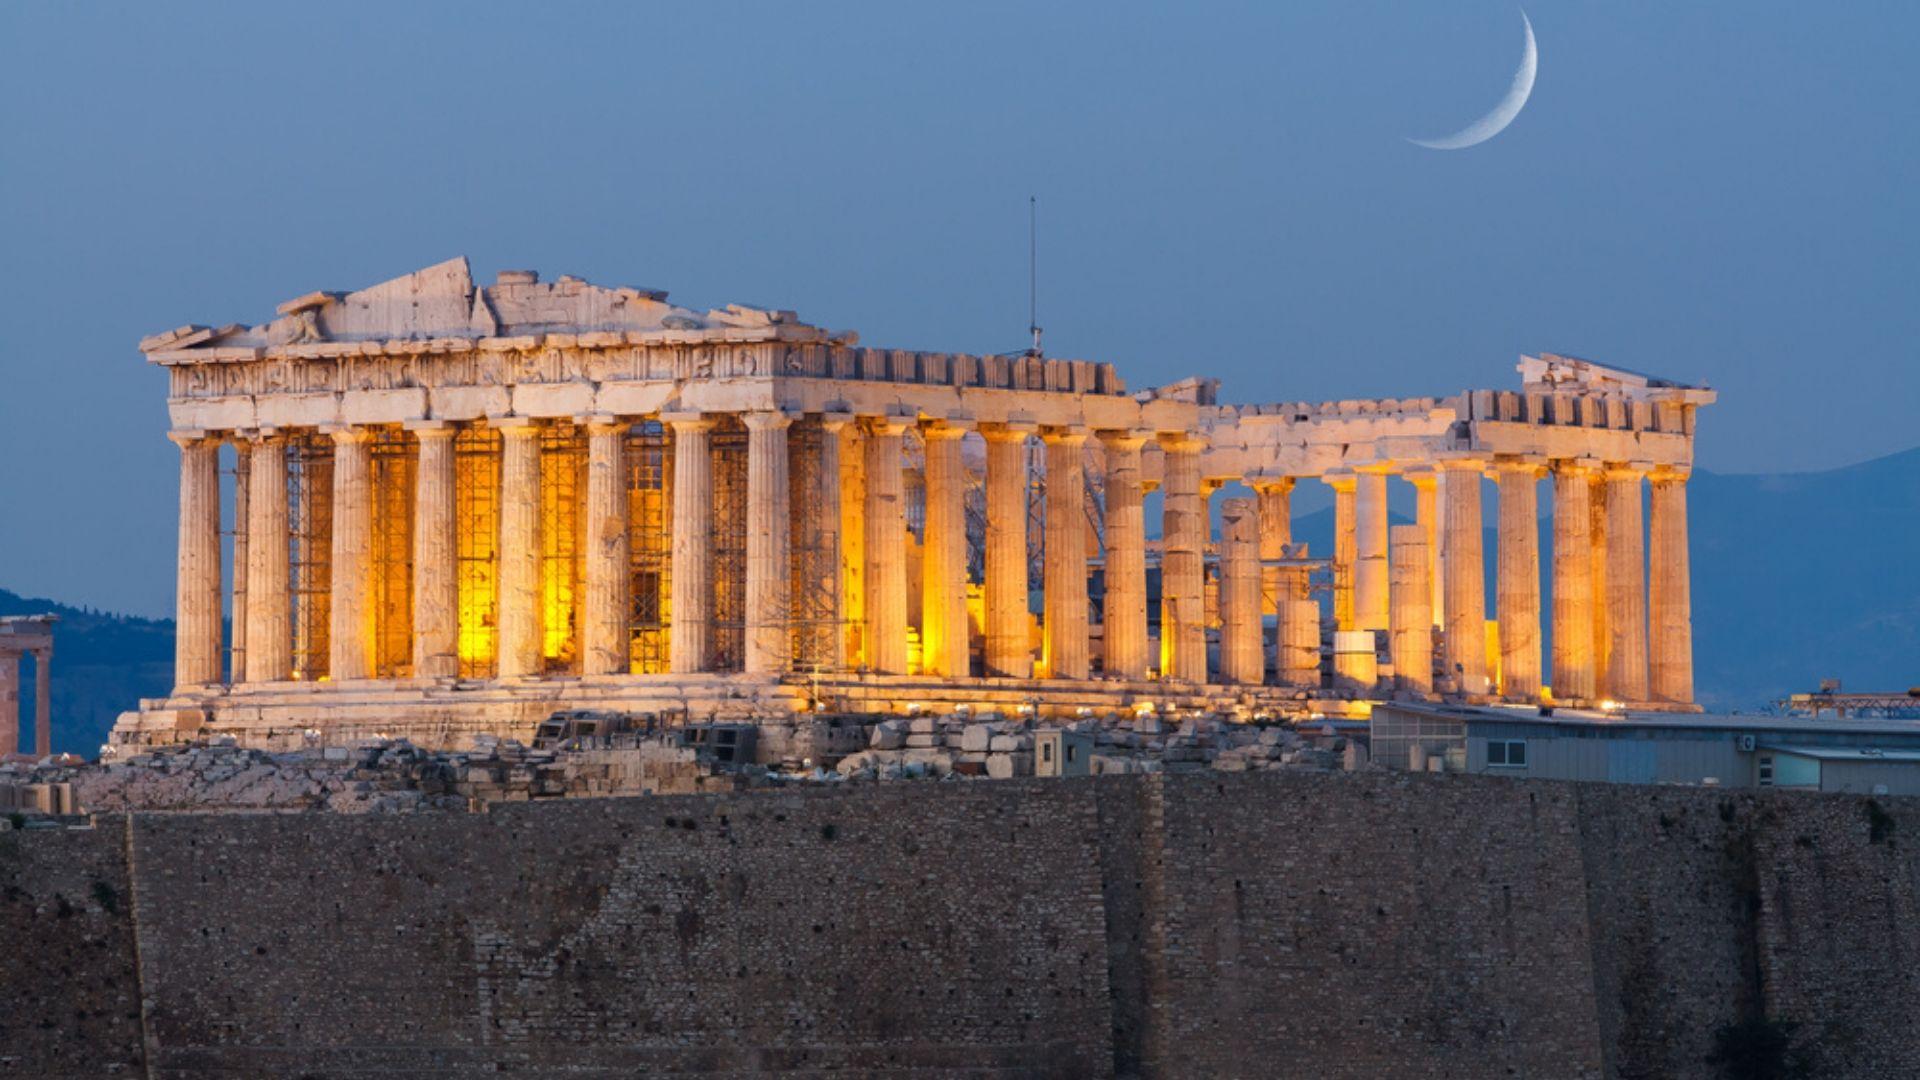 Architetti Famosi Antichi le caratteristiche di 12 stili architettonici: dall